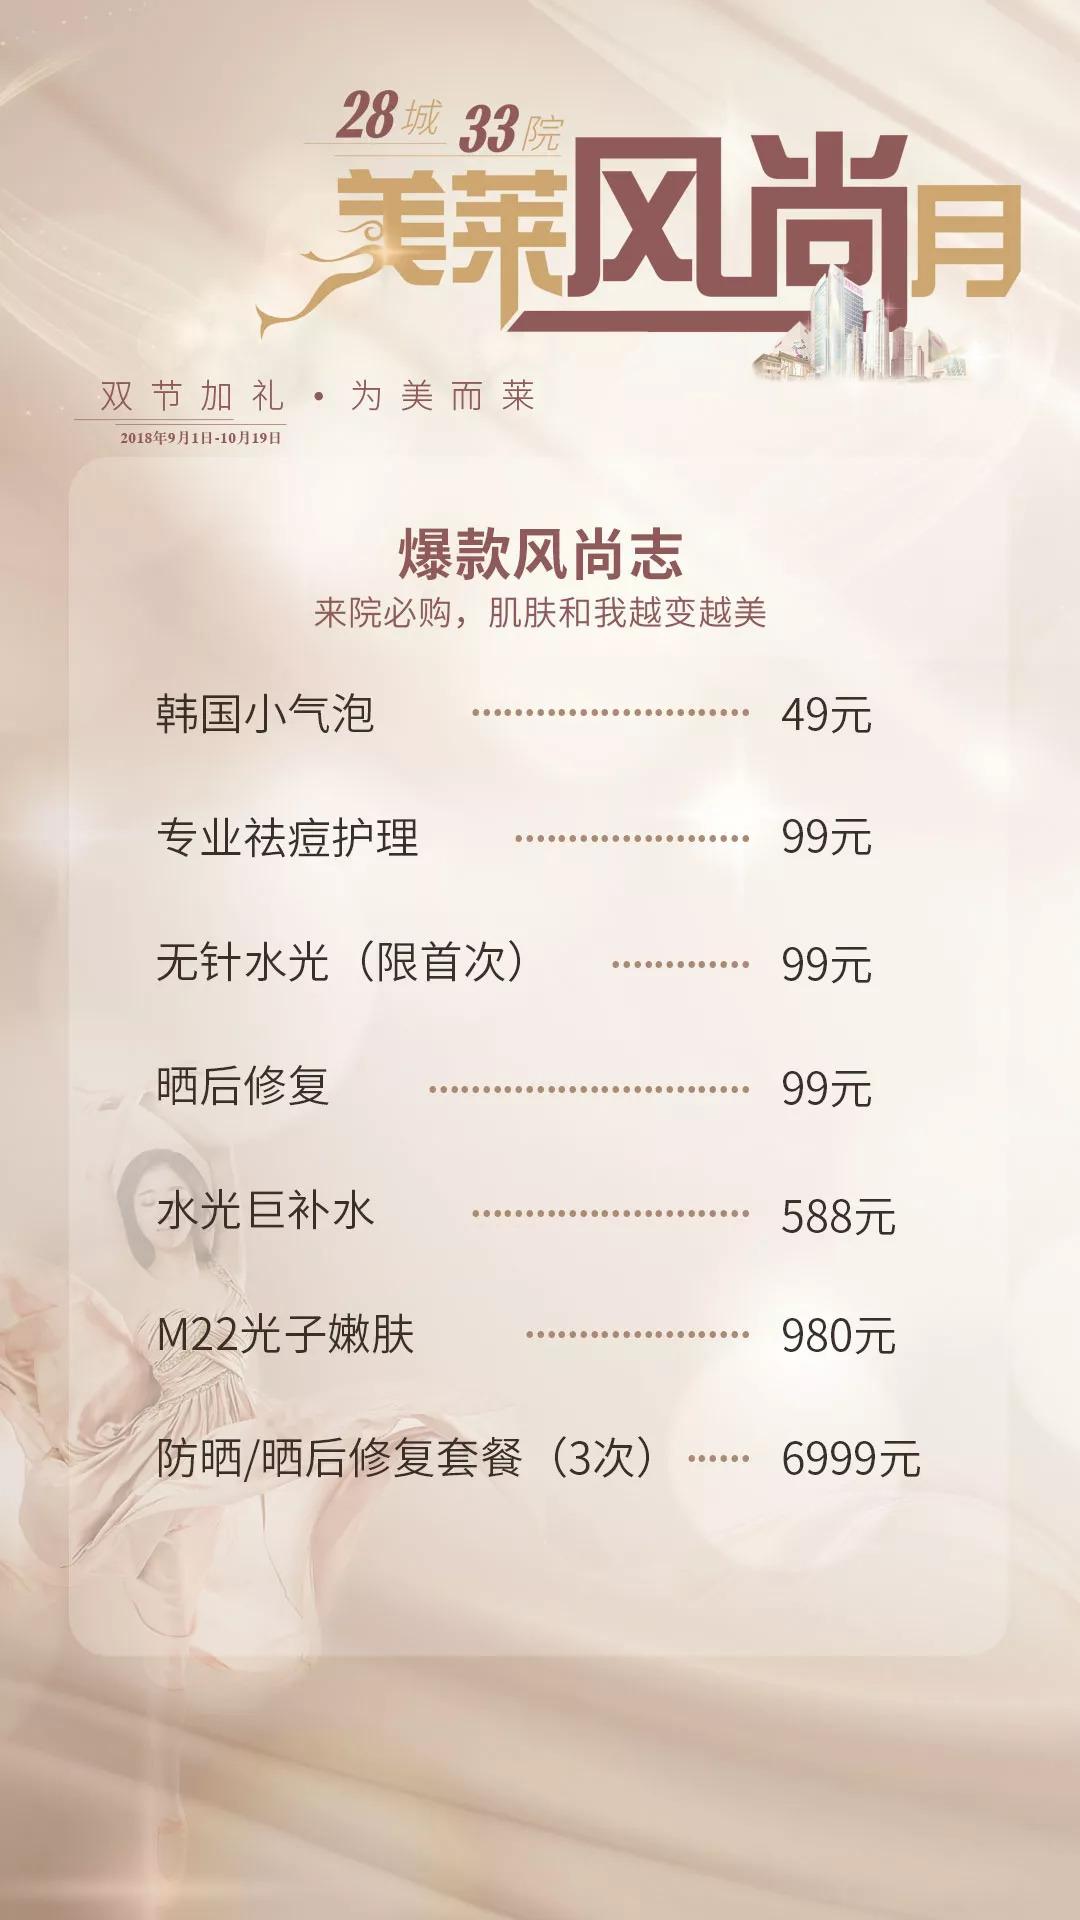 上海美莱水光针,让你的皮肤更加年轻、Q弹、白皙!